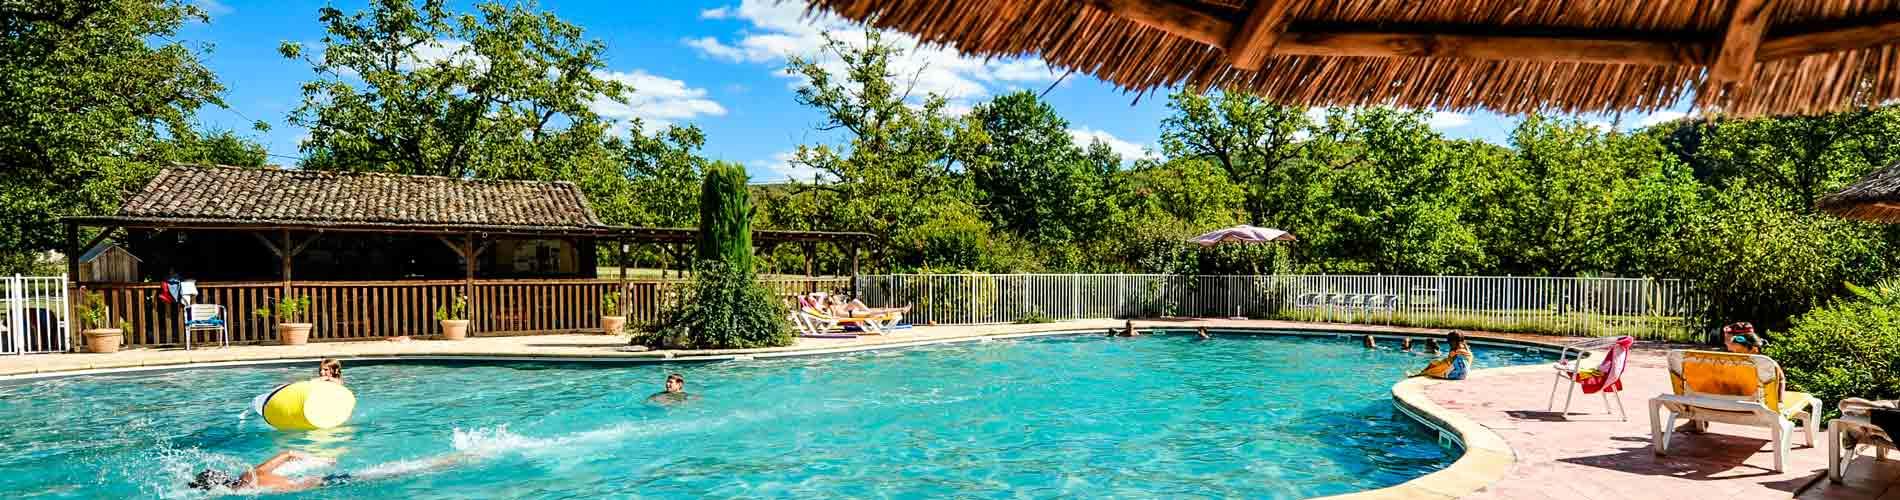 Camping lot avec piscine camping avec espace quatique for Camping les vosges avec piscine